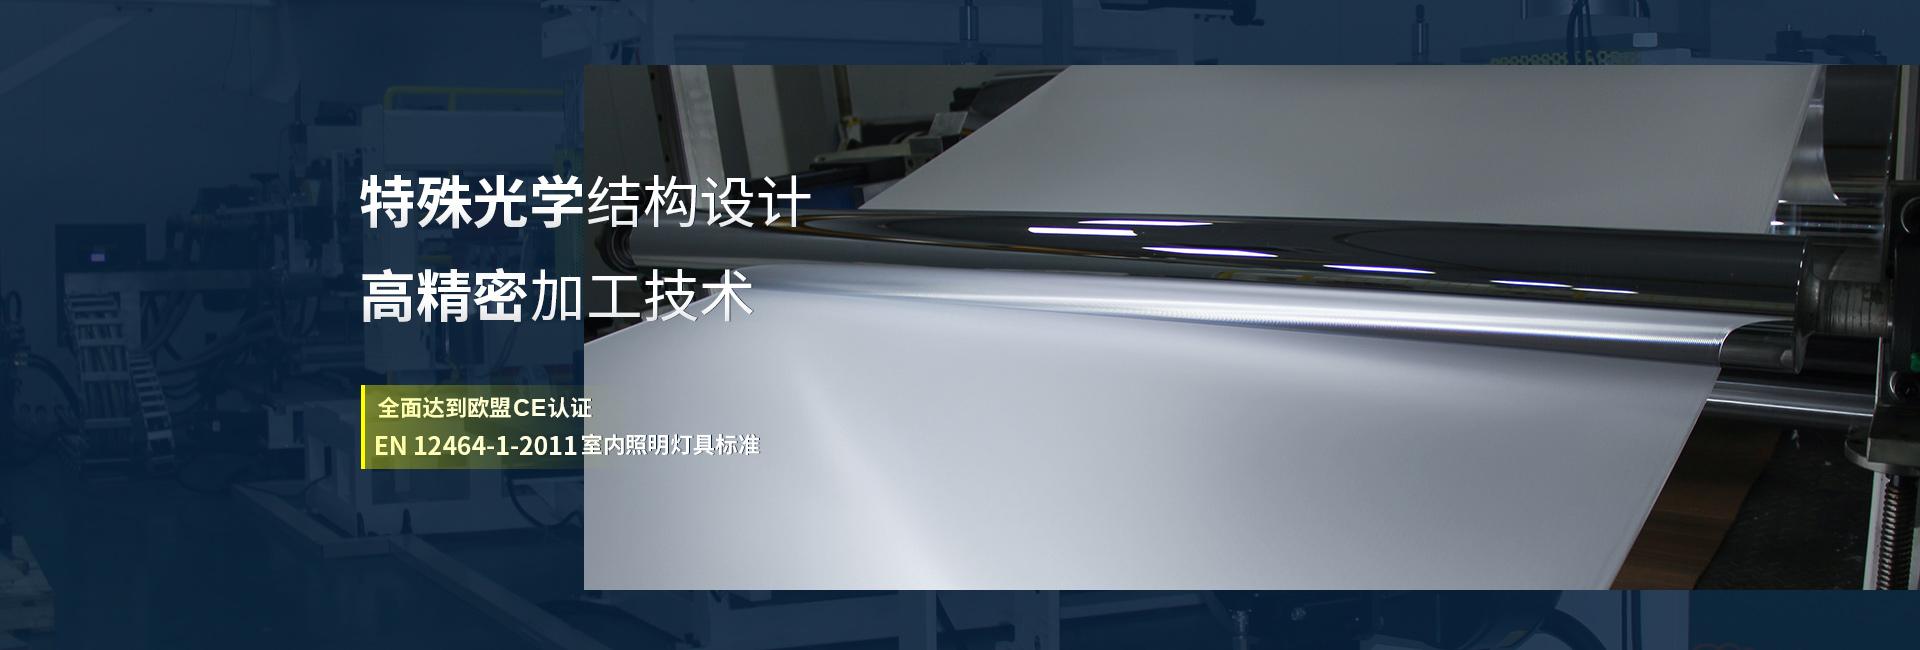 健坤光学-特殊光学结构设计